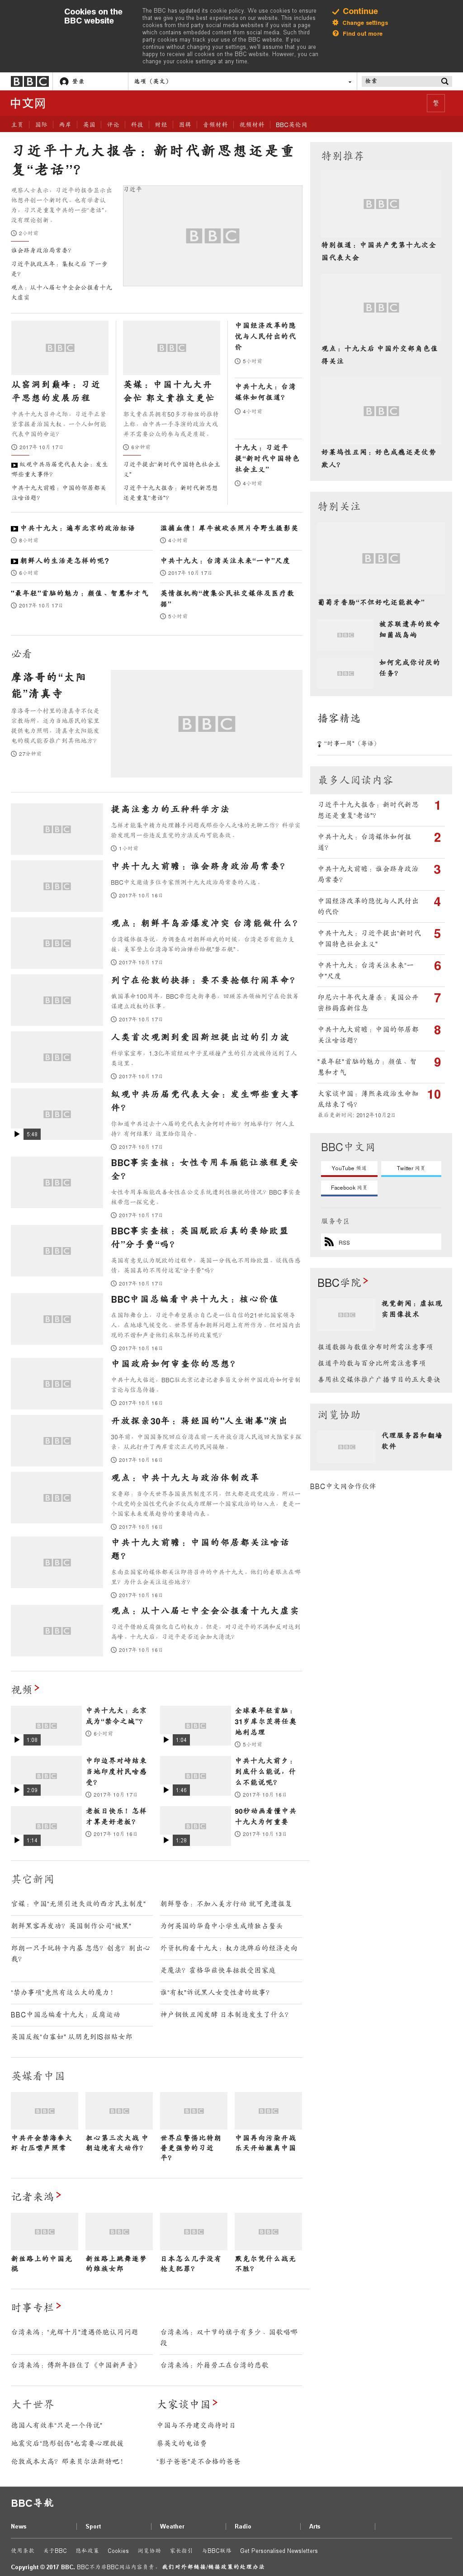 BBC (Chinese) at Wednesday Oct. 18, 2017, 12:02 p.m. UTC